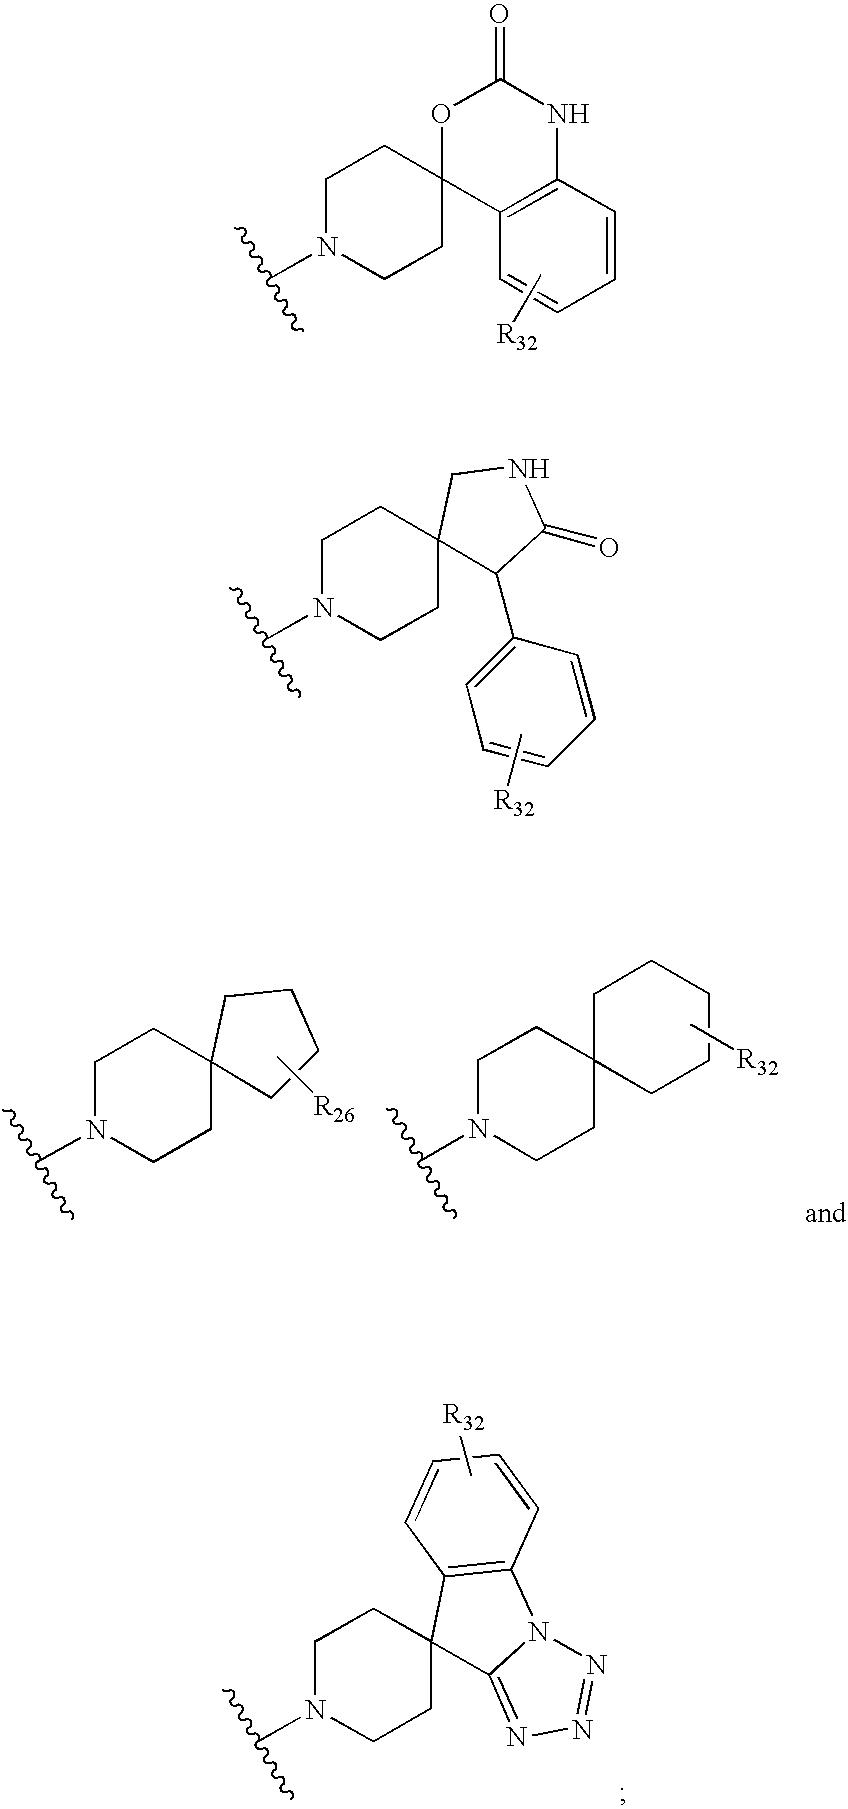 Figure US20040229882A1-20041118-C00010